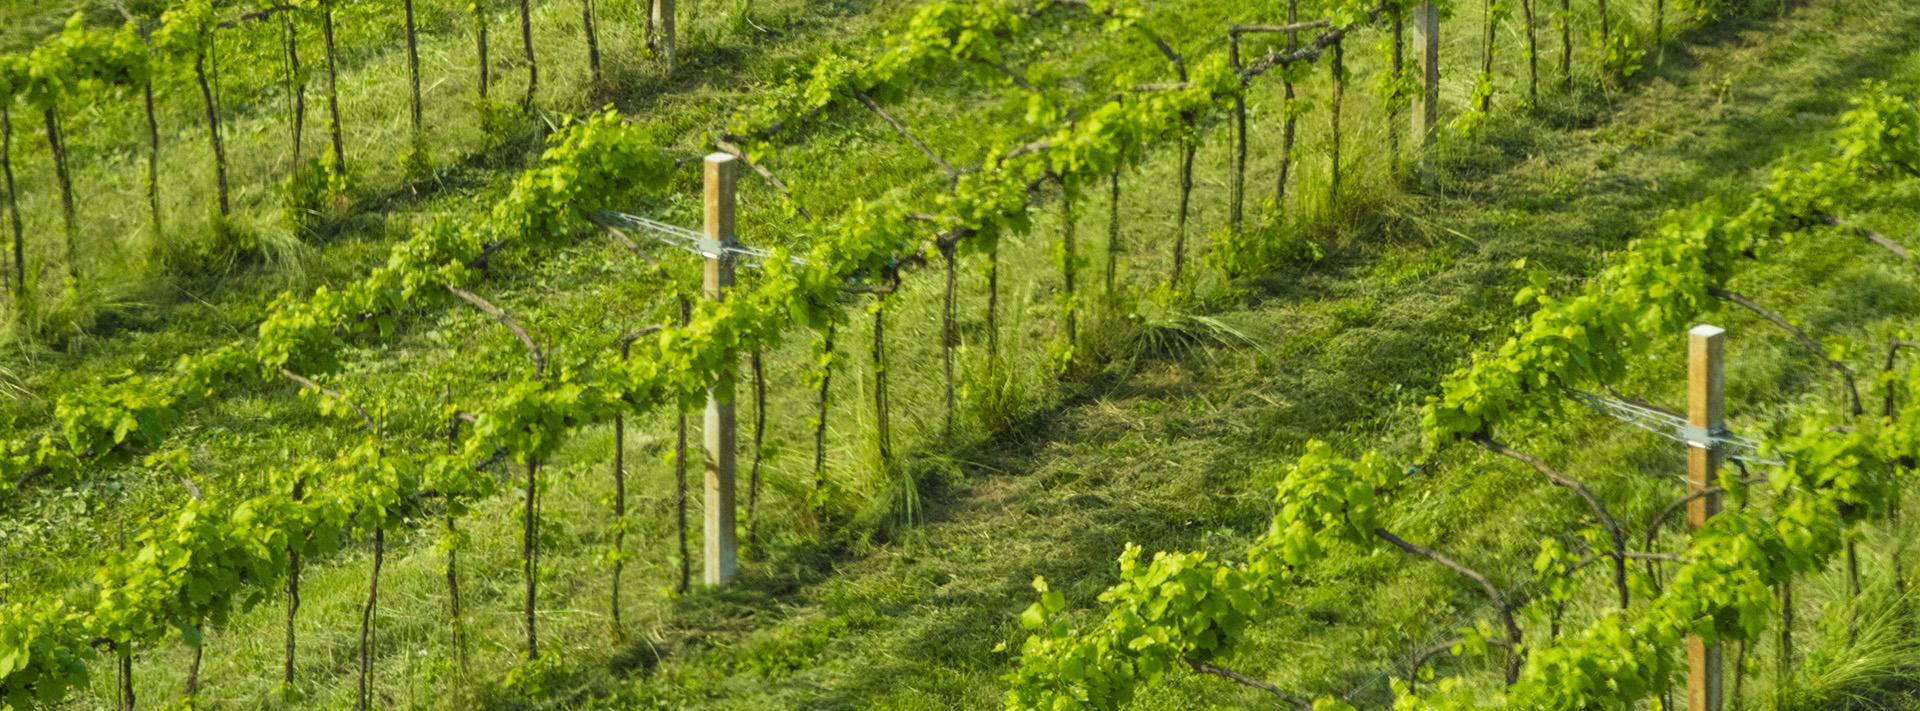 filari_vitigno_3_crop